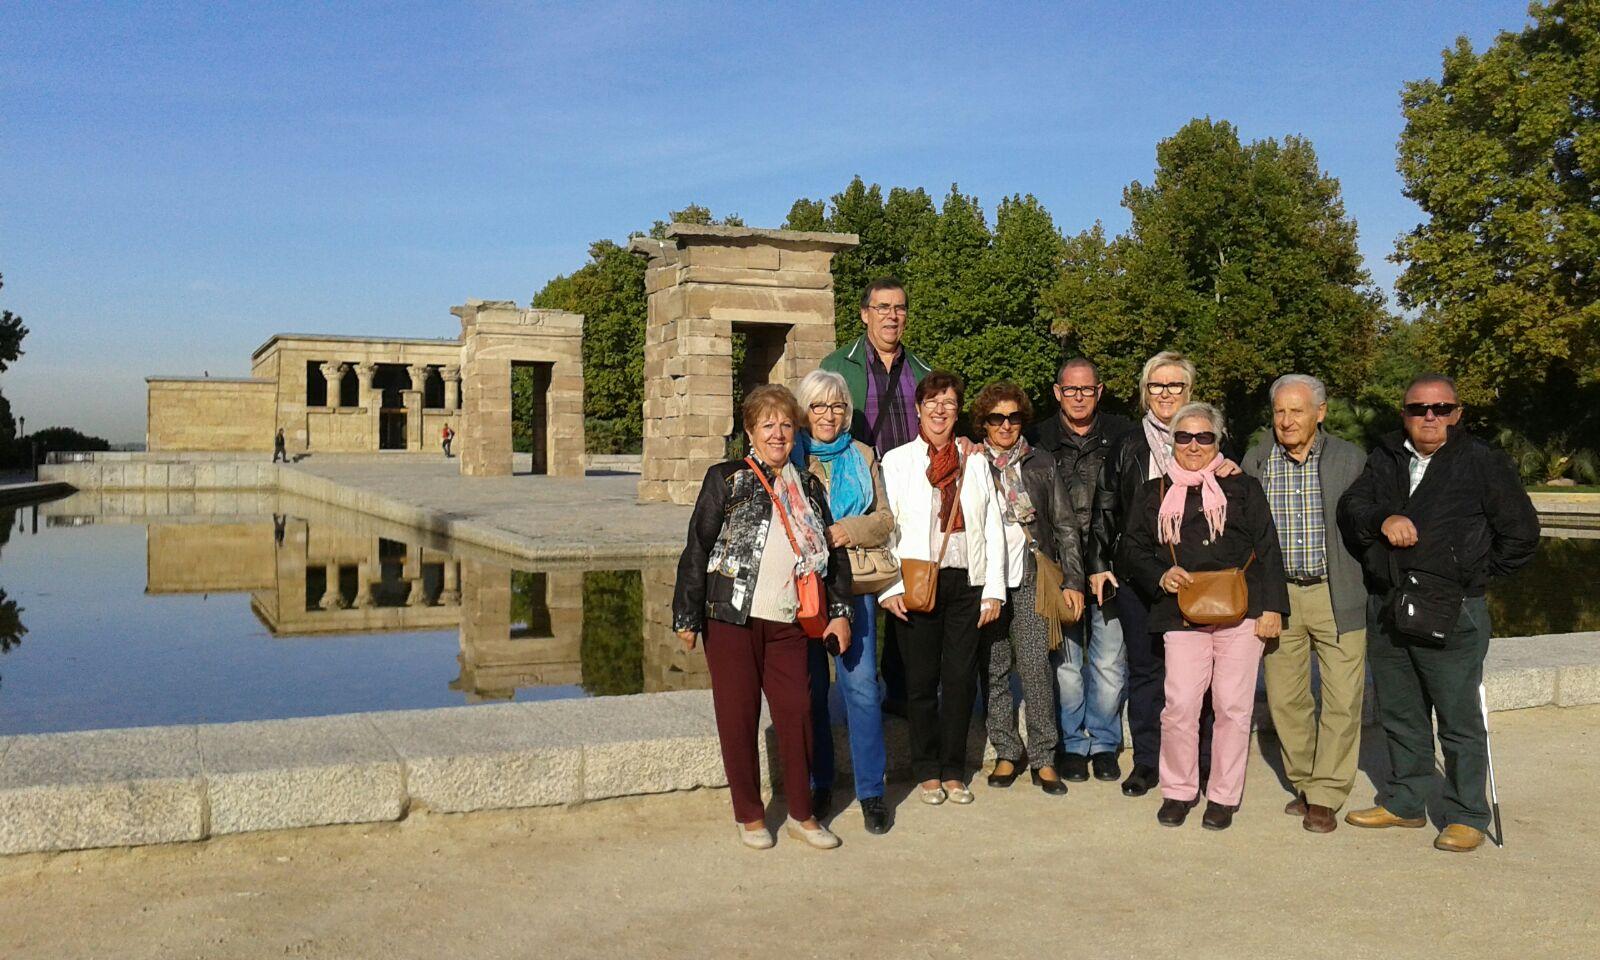 Joan y Pepita con amigos en el Templo de Debod en Madrid